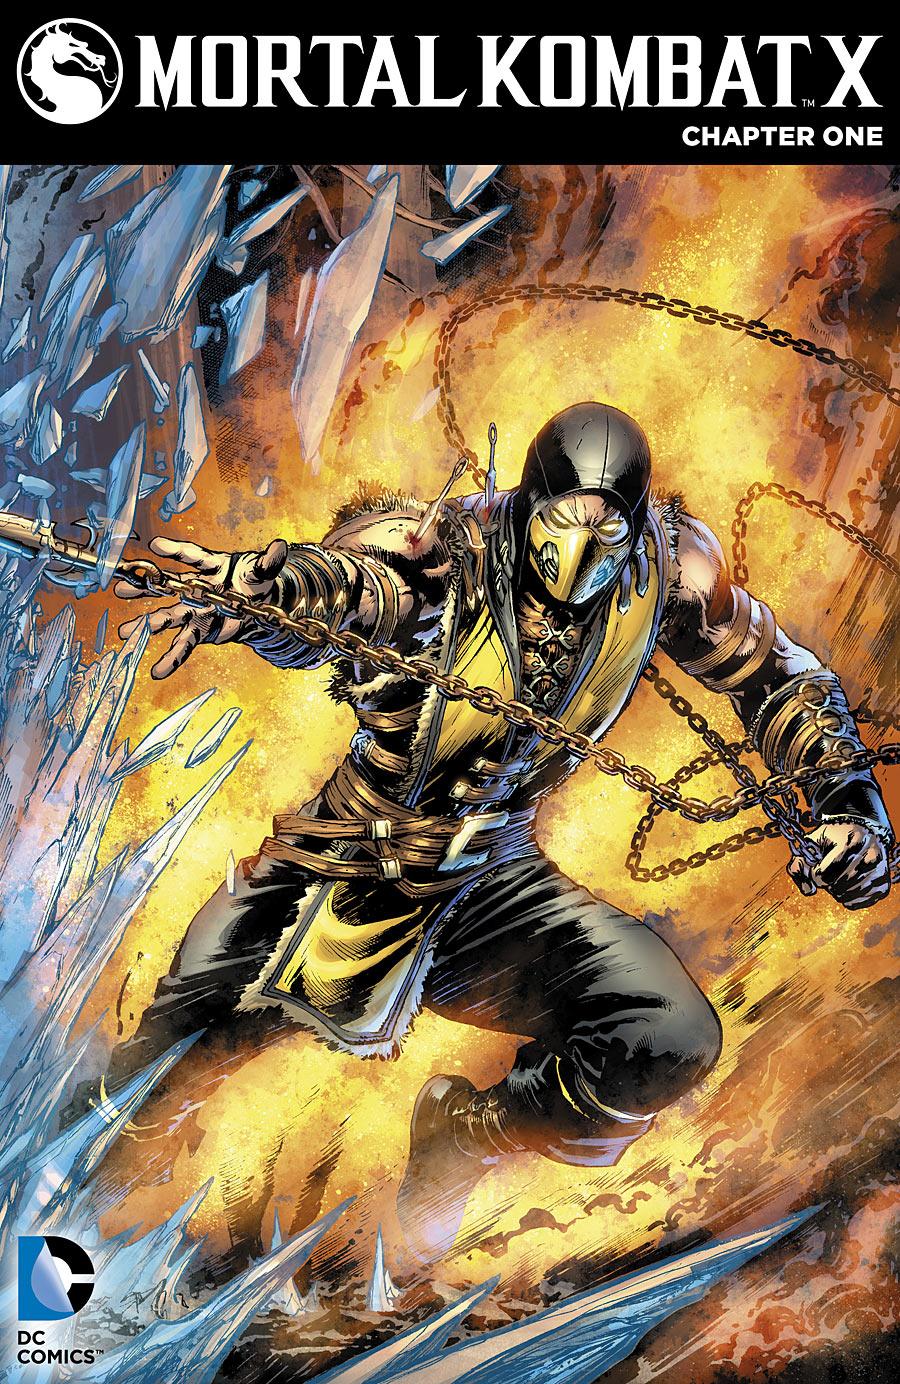 [DC] Mortal Kombat X #1 Mortal-kombat-x-1